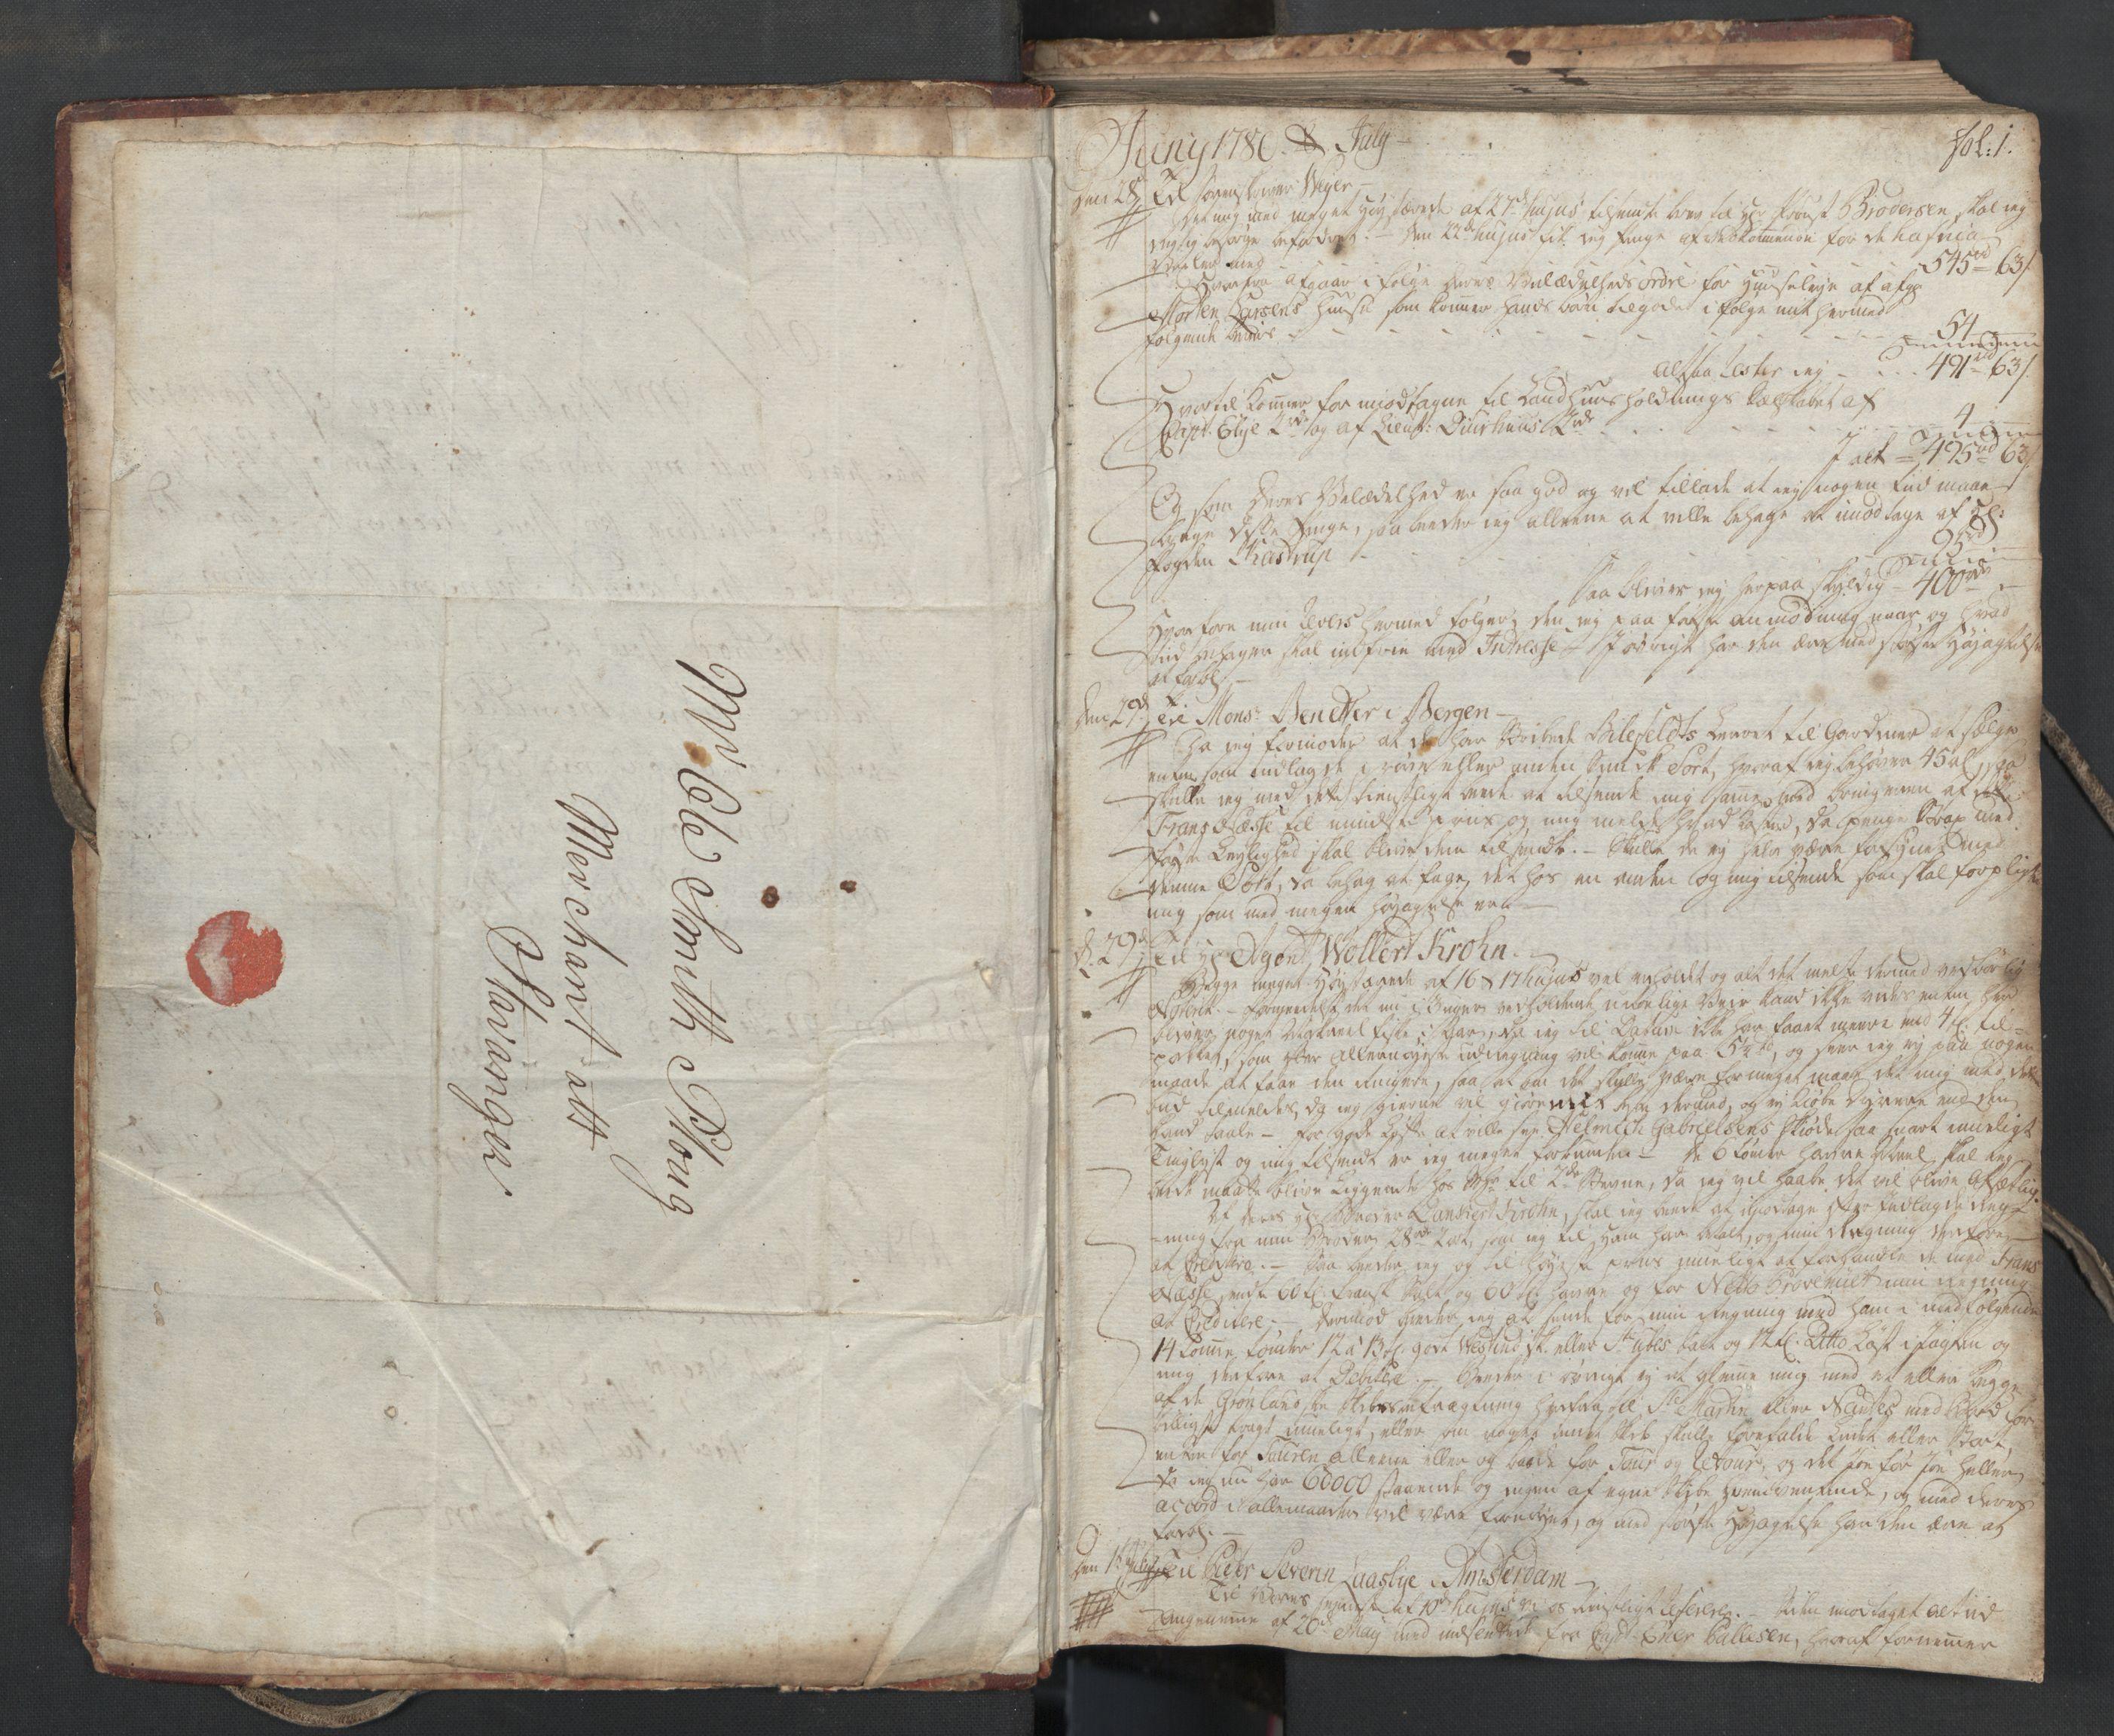 SAST, Pa 0003 - Ploug & Sundt, handelshuset, B/L0004: Kopibok, 1780-1784, s. 1a